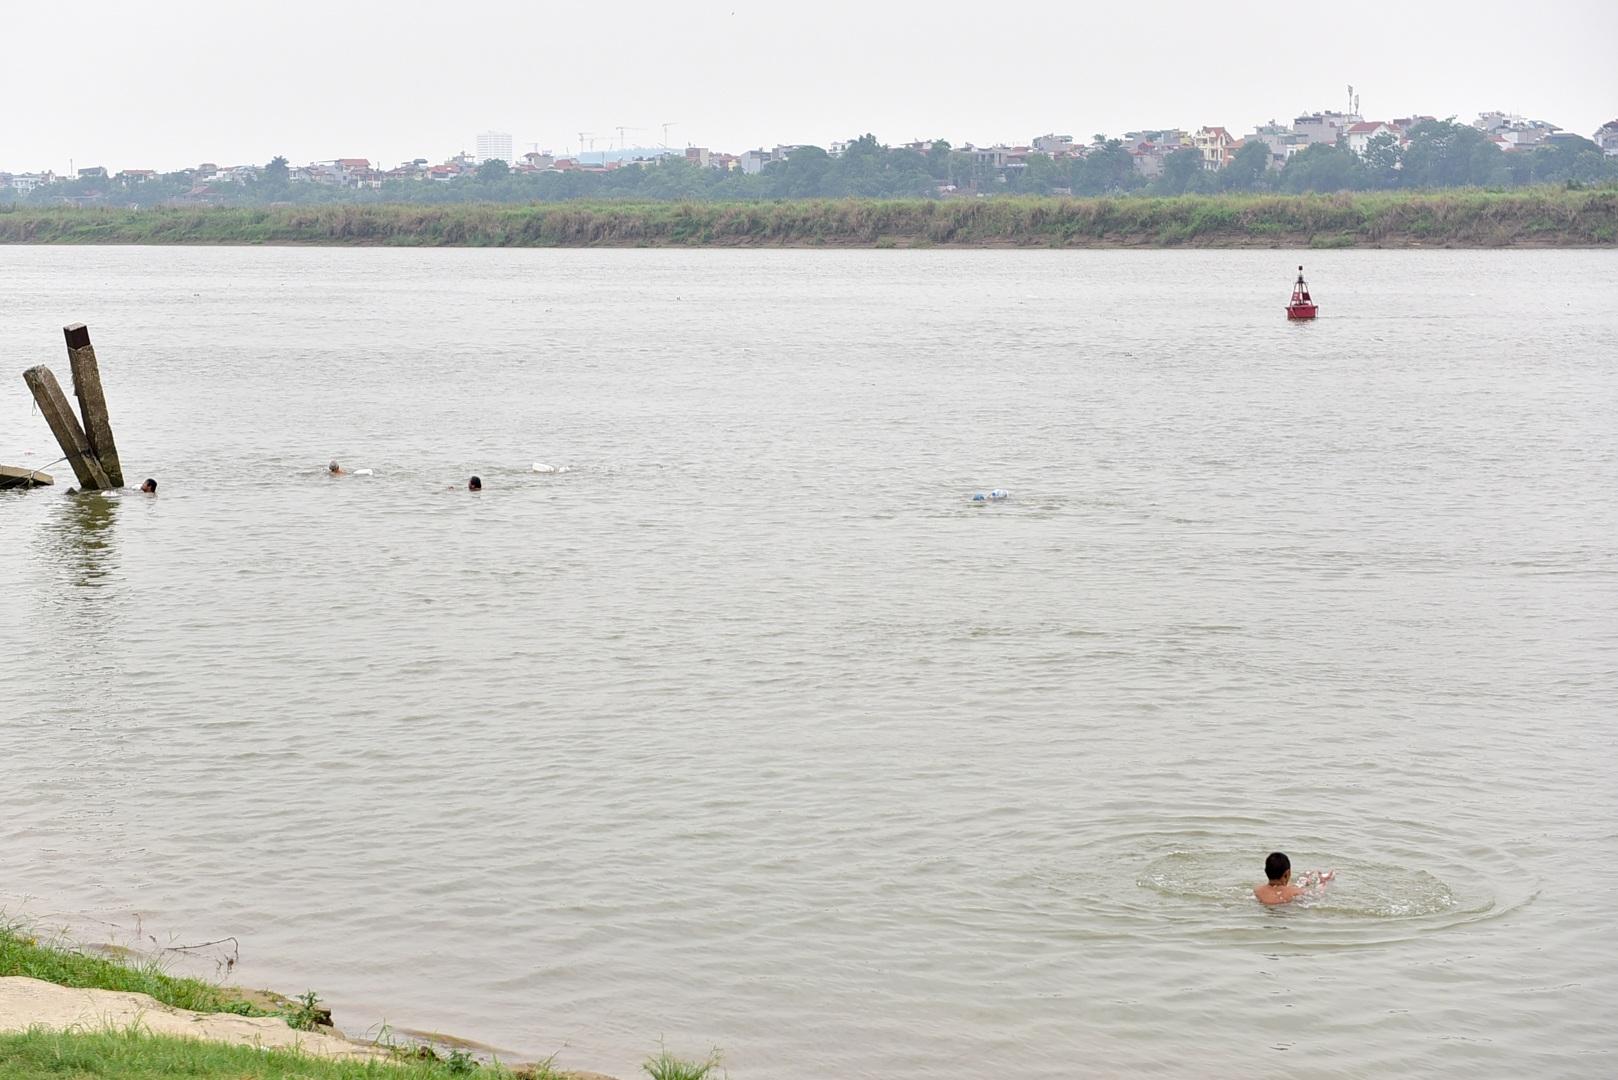 Thú vị sân tập thể hình tự chế miễn phí bên sông Hồng - 19